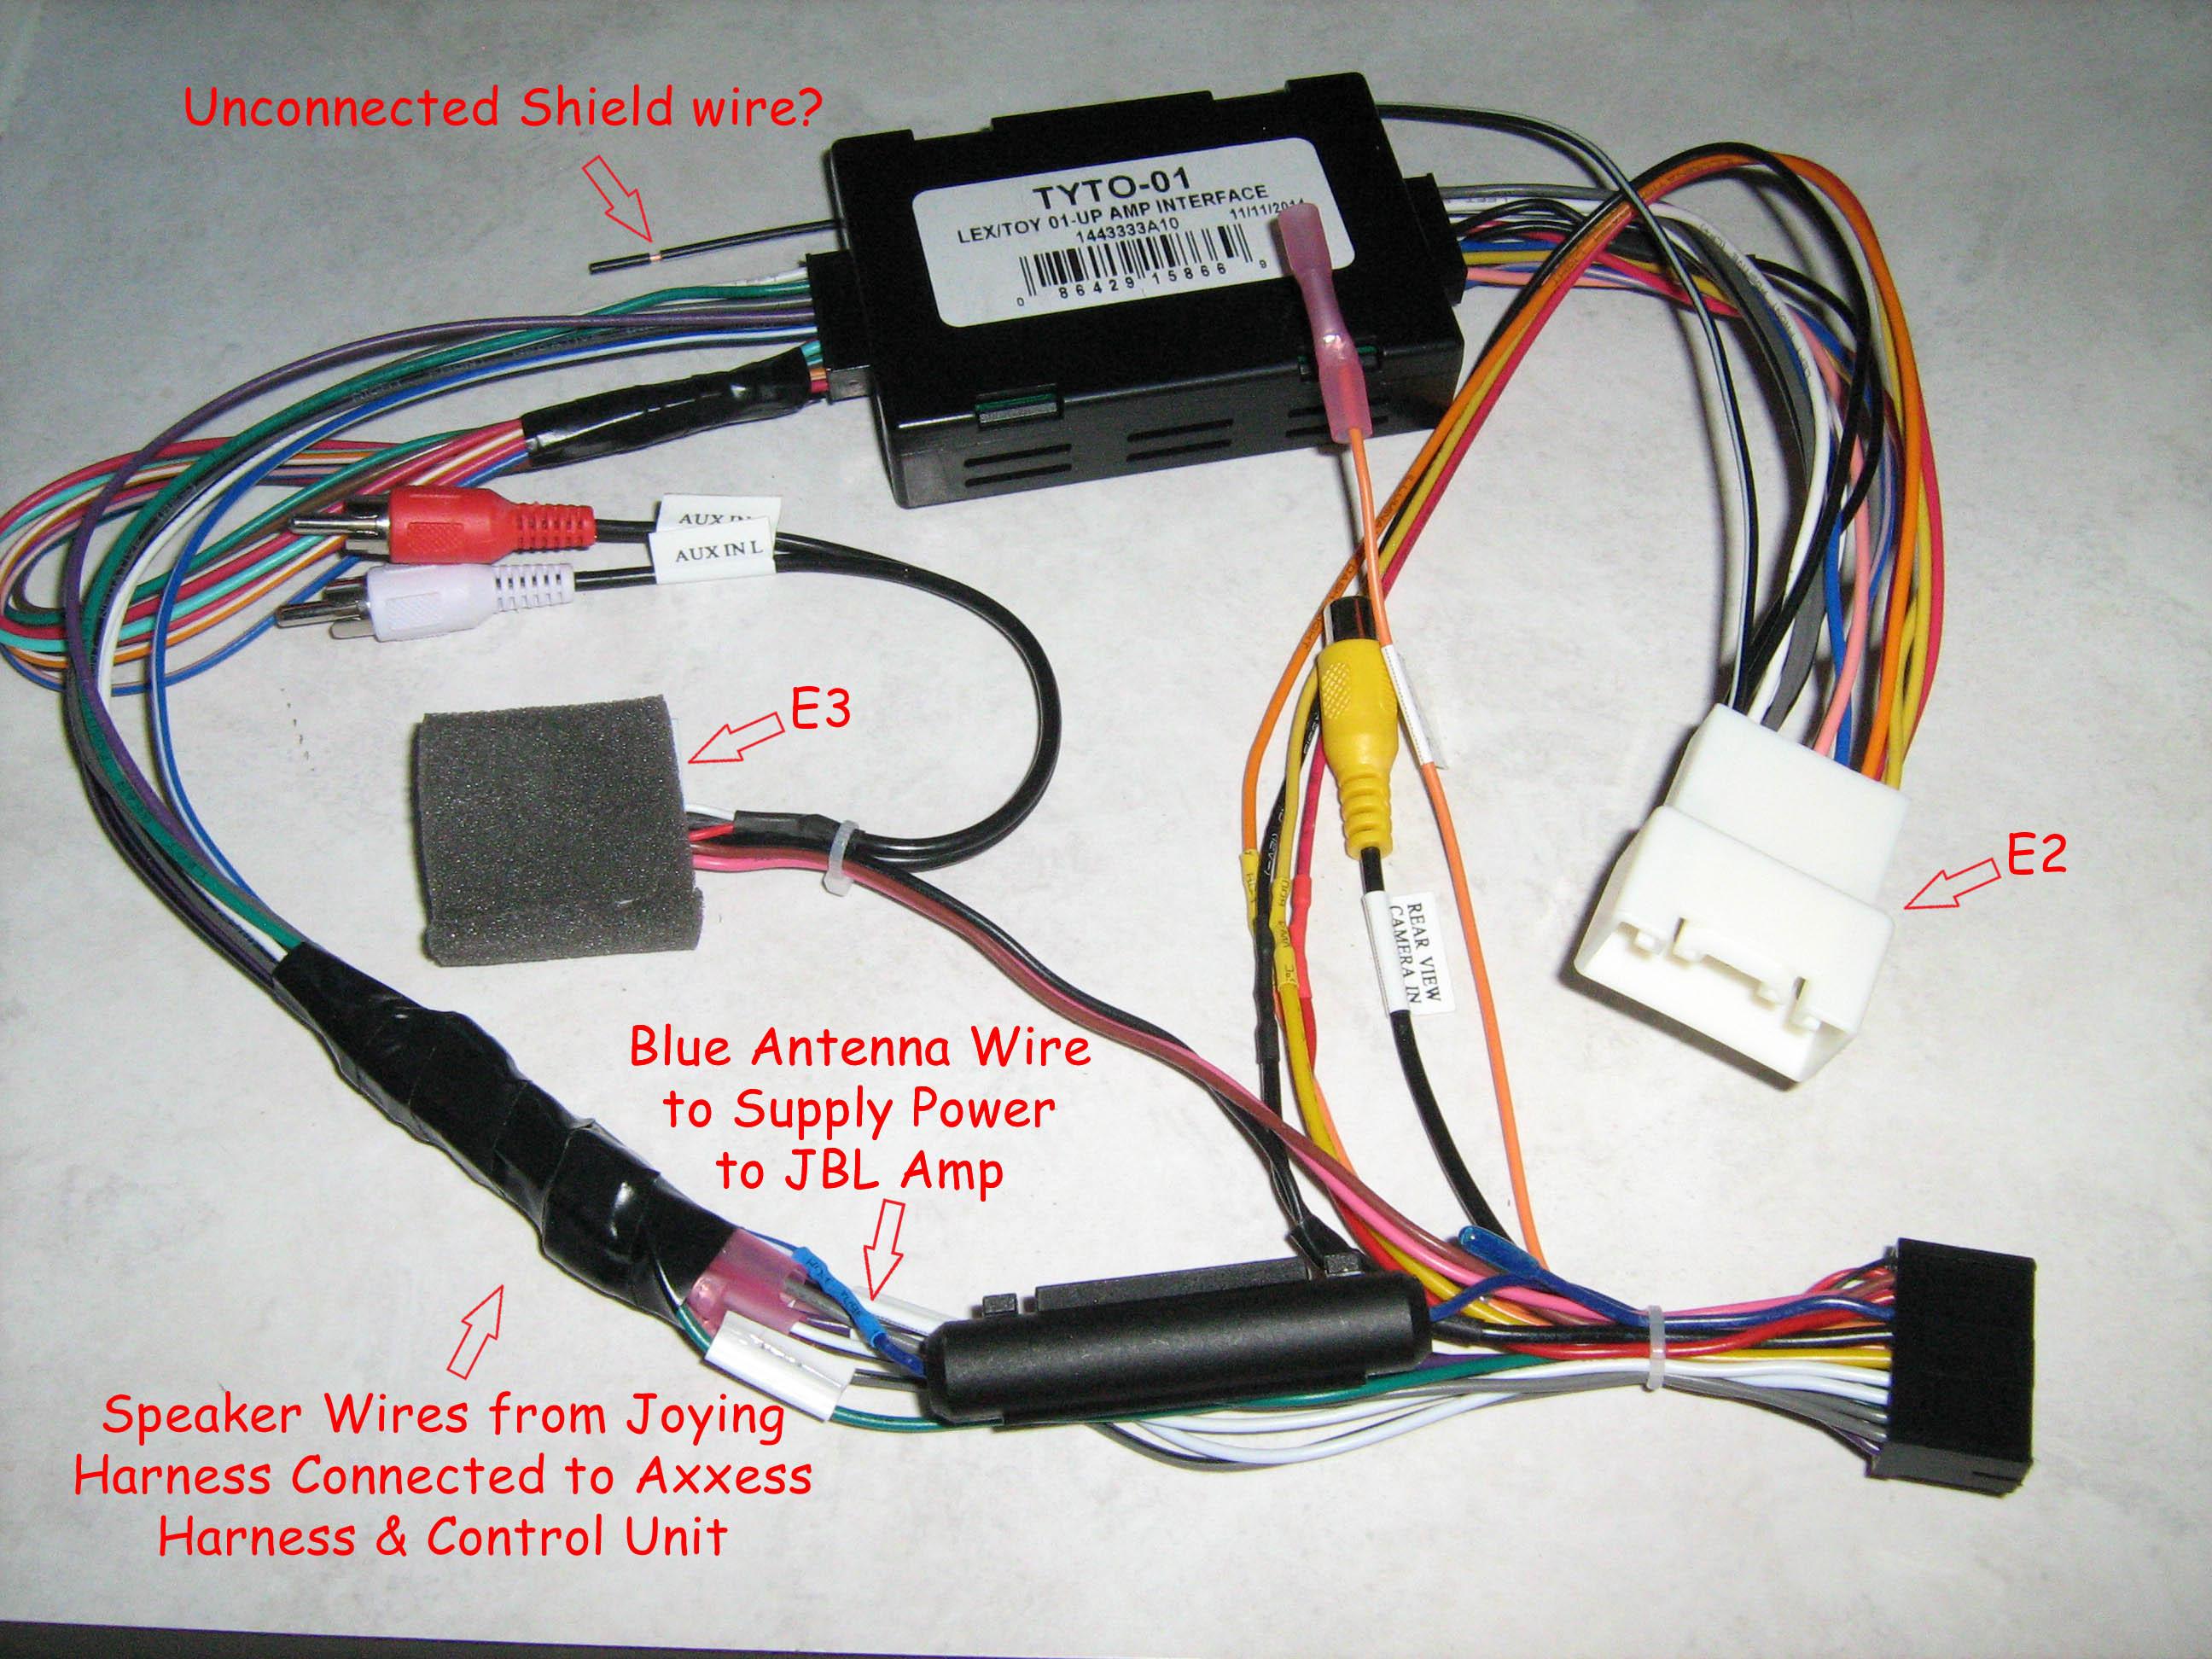 WRG-7916] 2008 Prius Speaker Wiring Harness